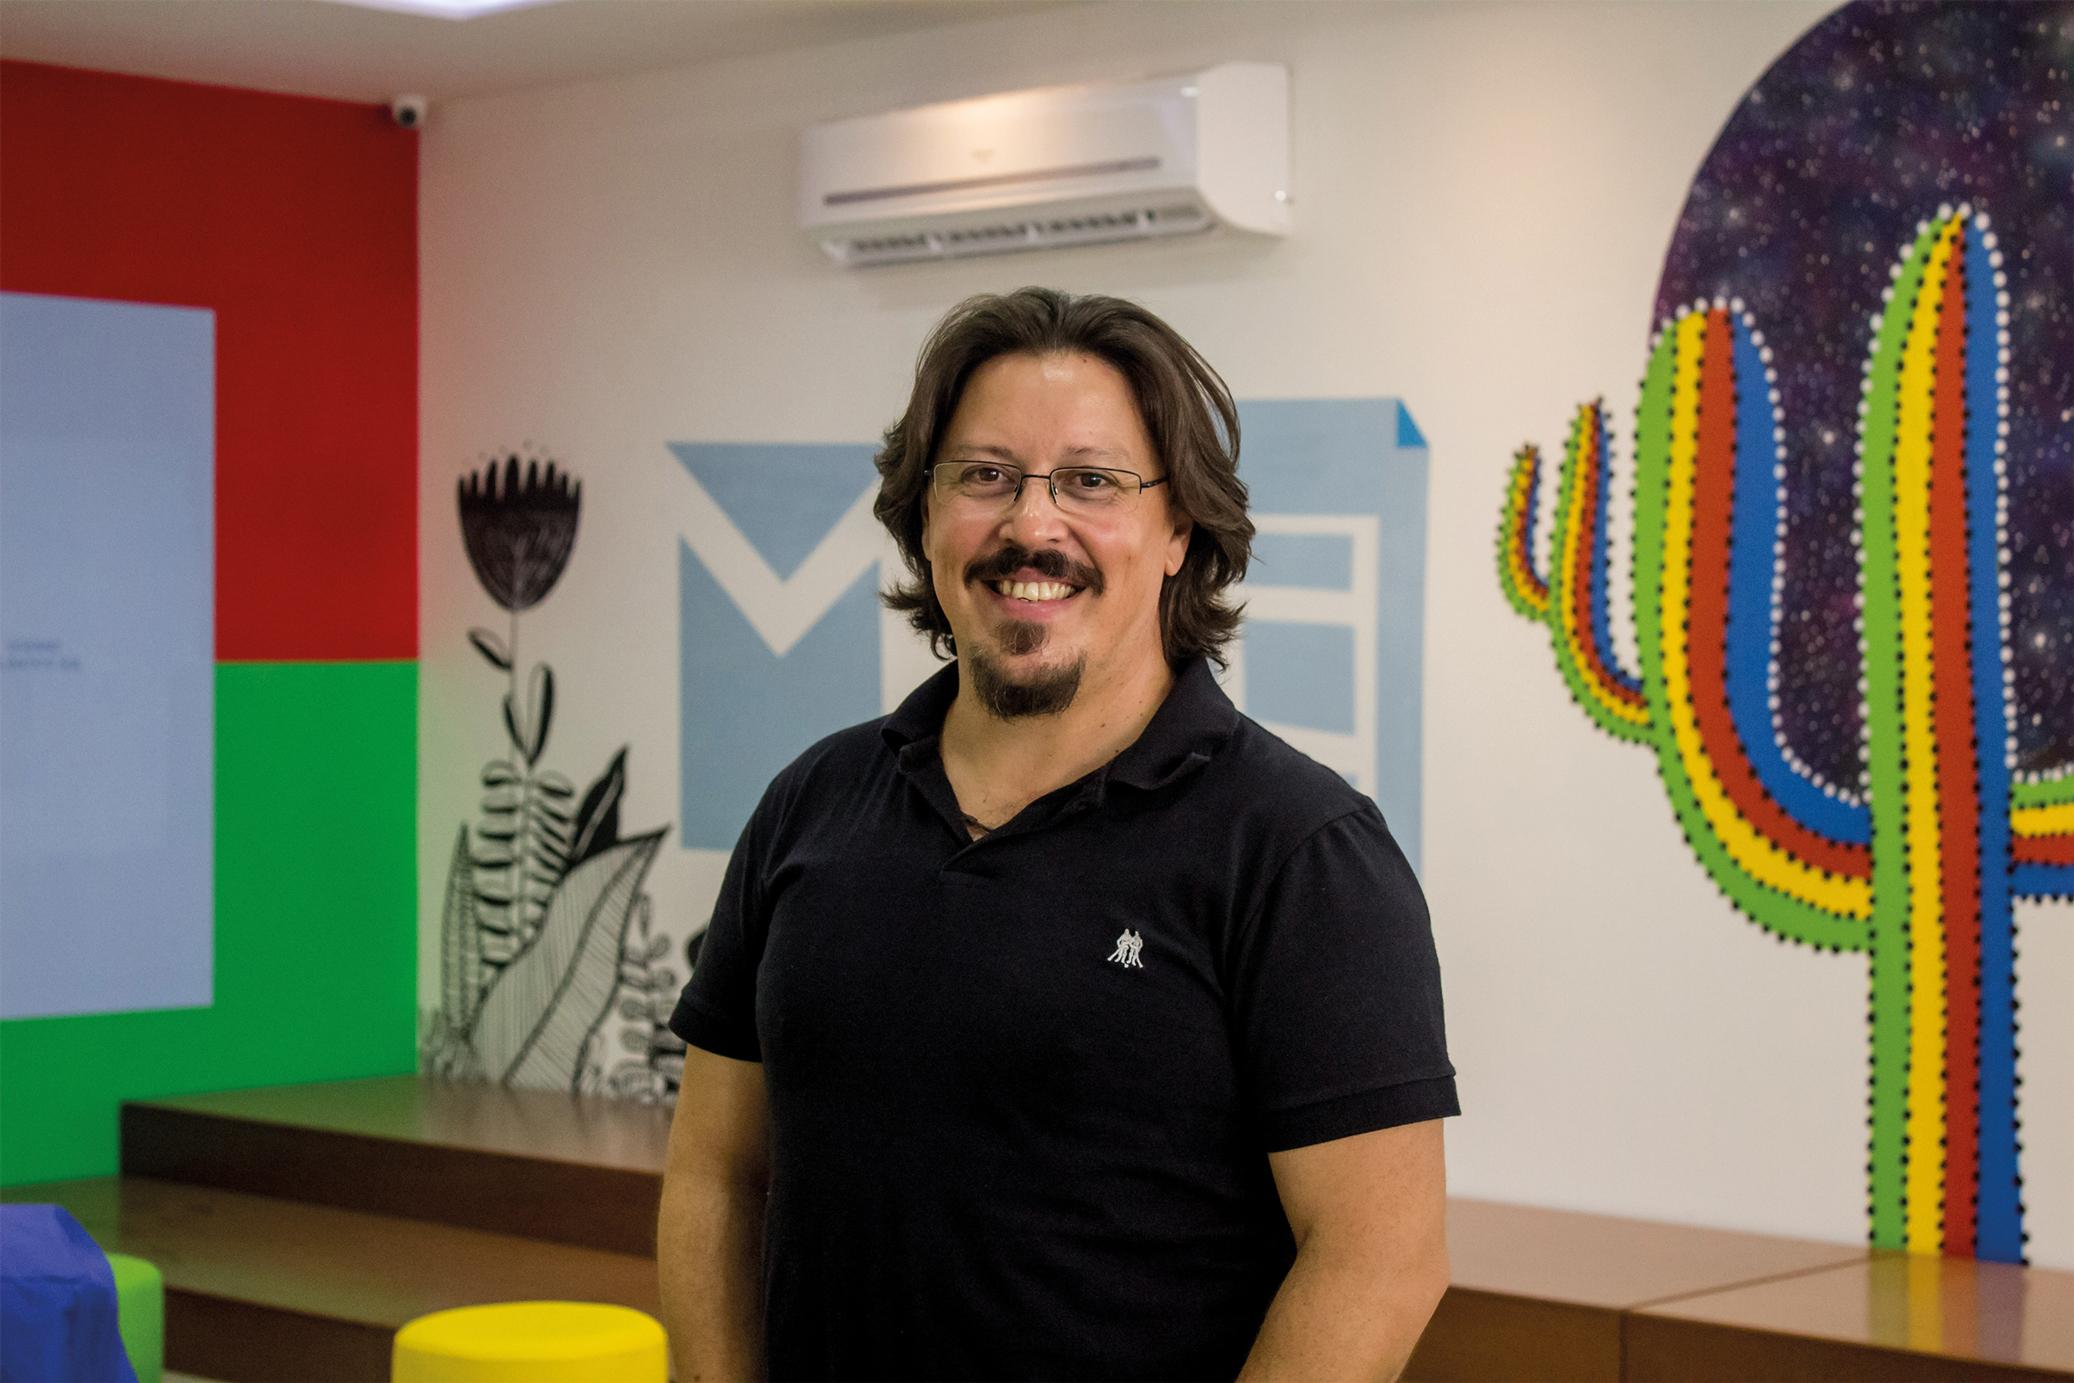 Entrevista Professor Motta: Aprender de forma combinada é inovar